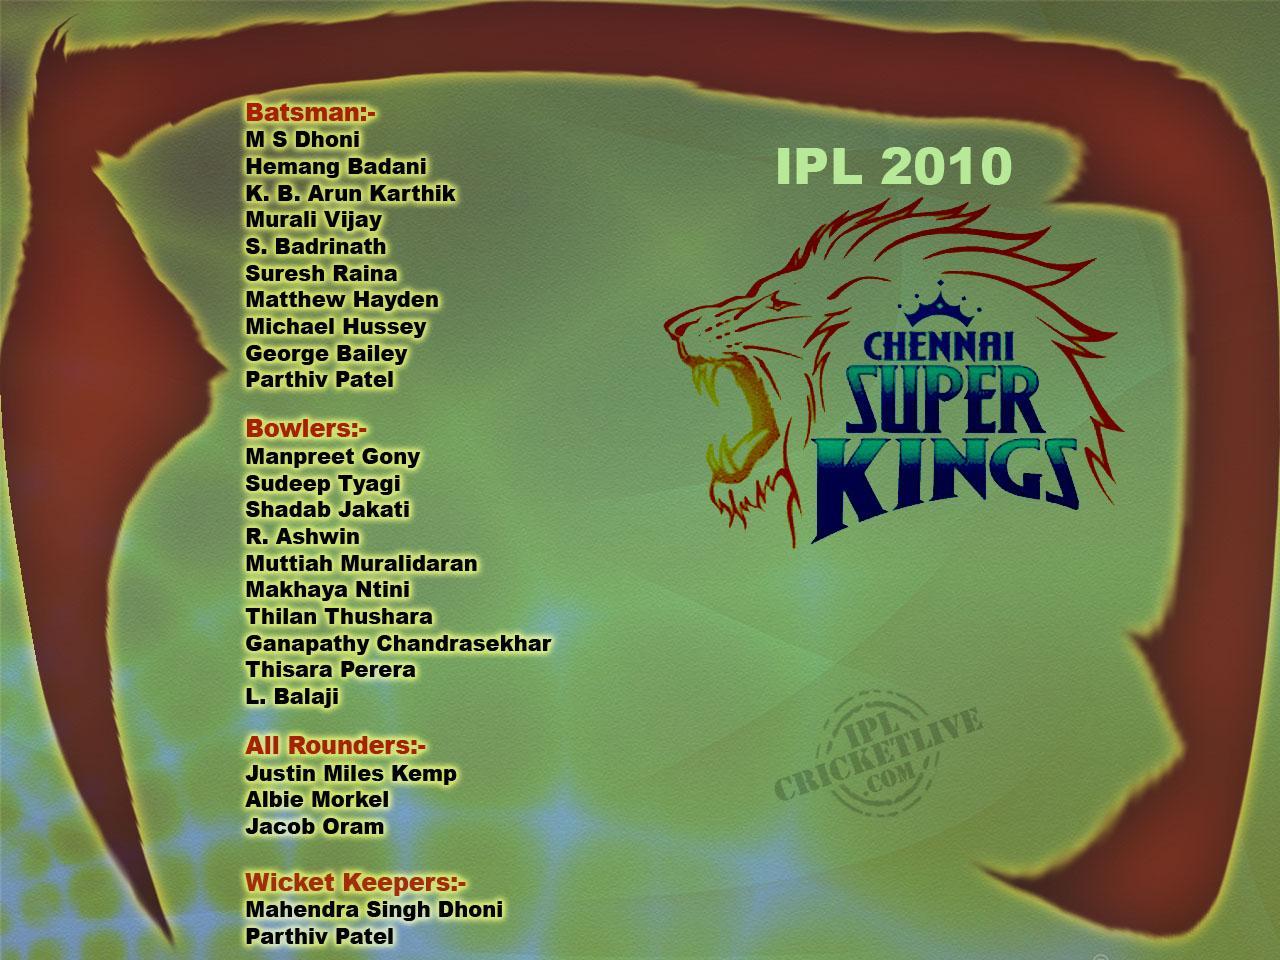 http://1.bp.blogspot.com/-LmSgXQ9UQWY/TbZfnjBGfKI/AAAAAAAAAWg/SJ_eOD100cE/s1600/chennai-super-kings-ipl-2010.jpg